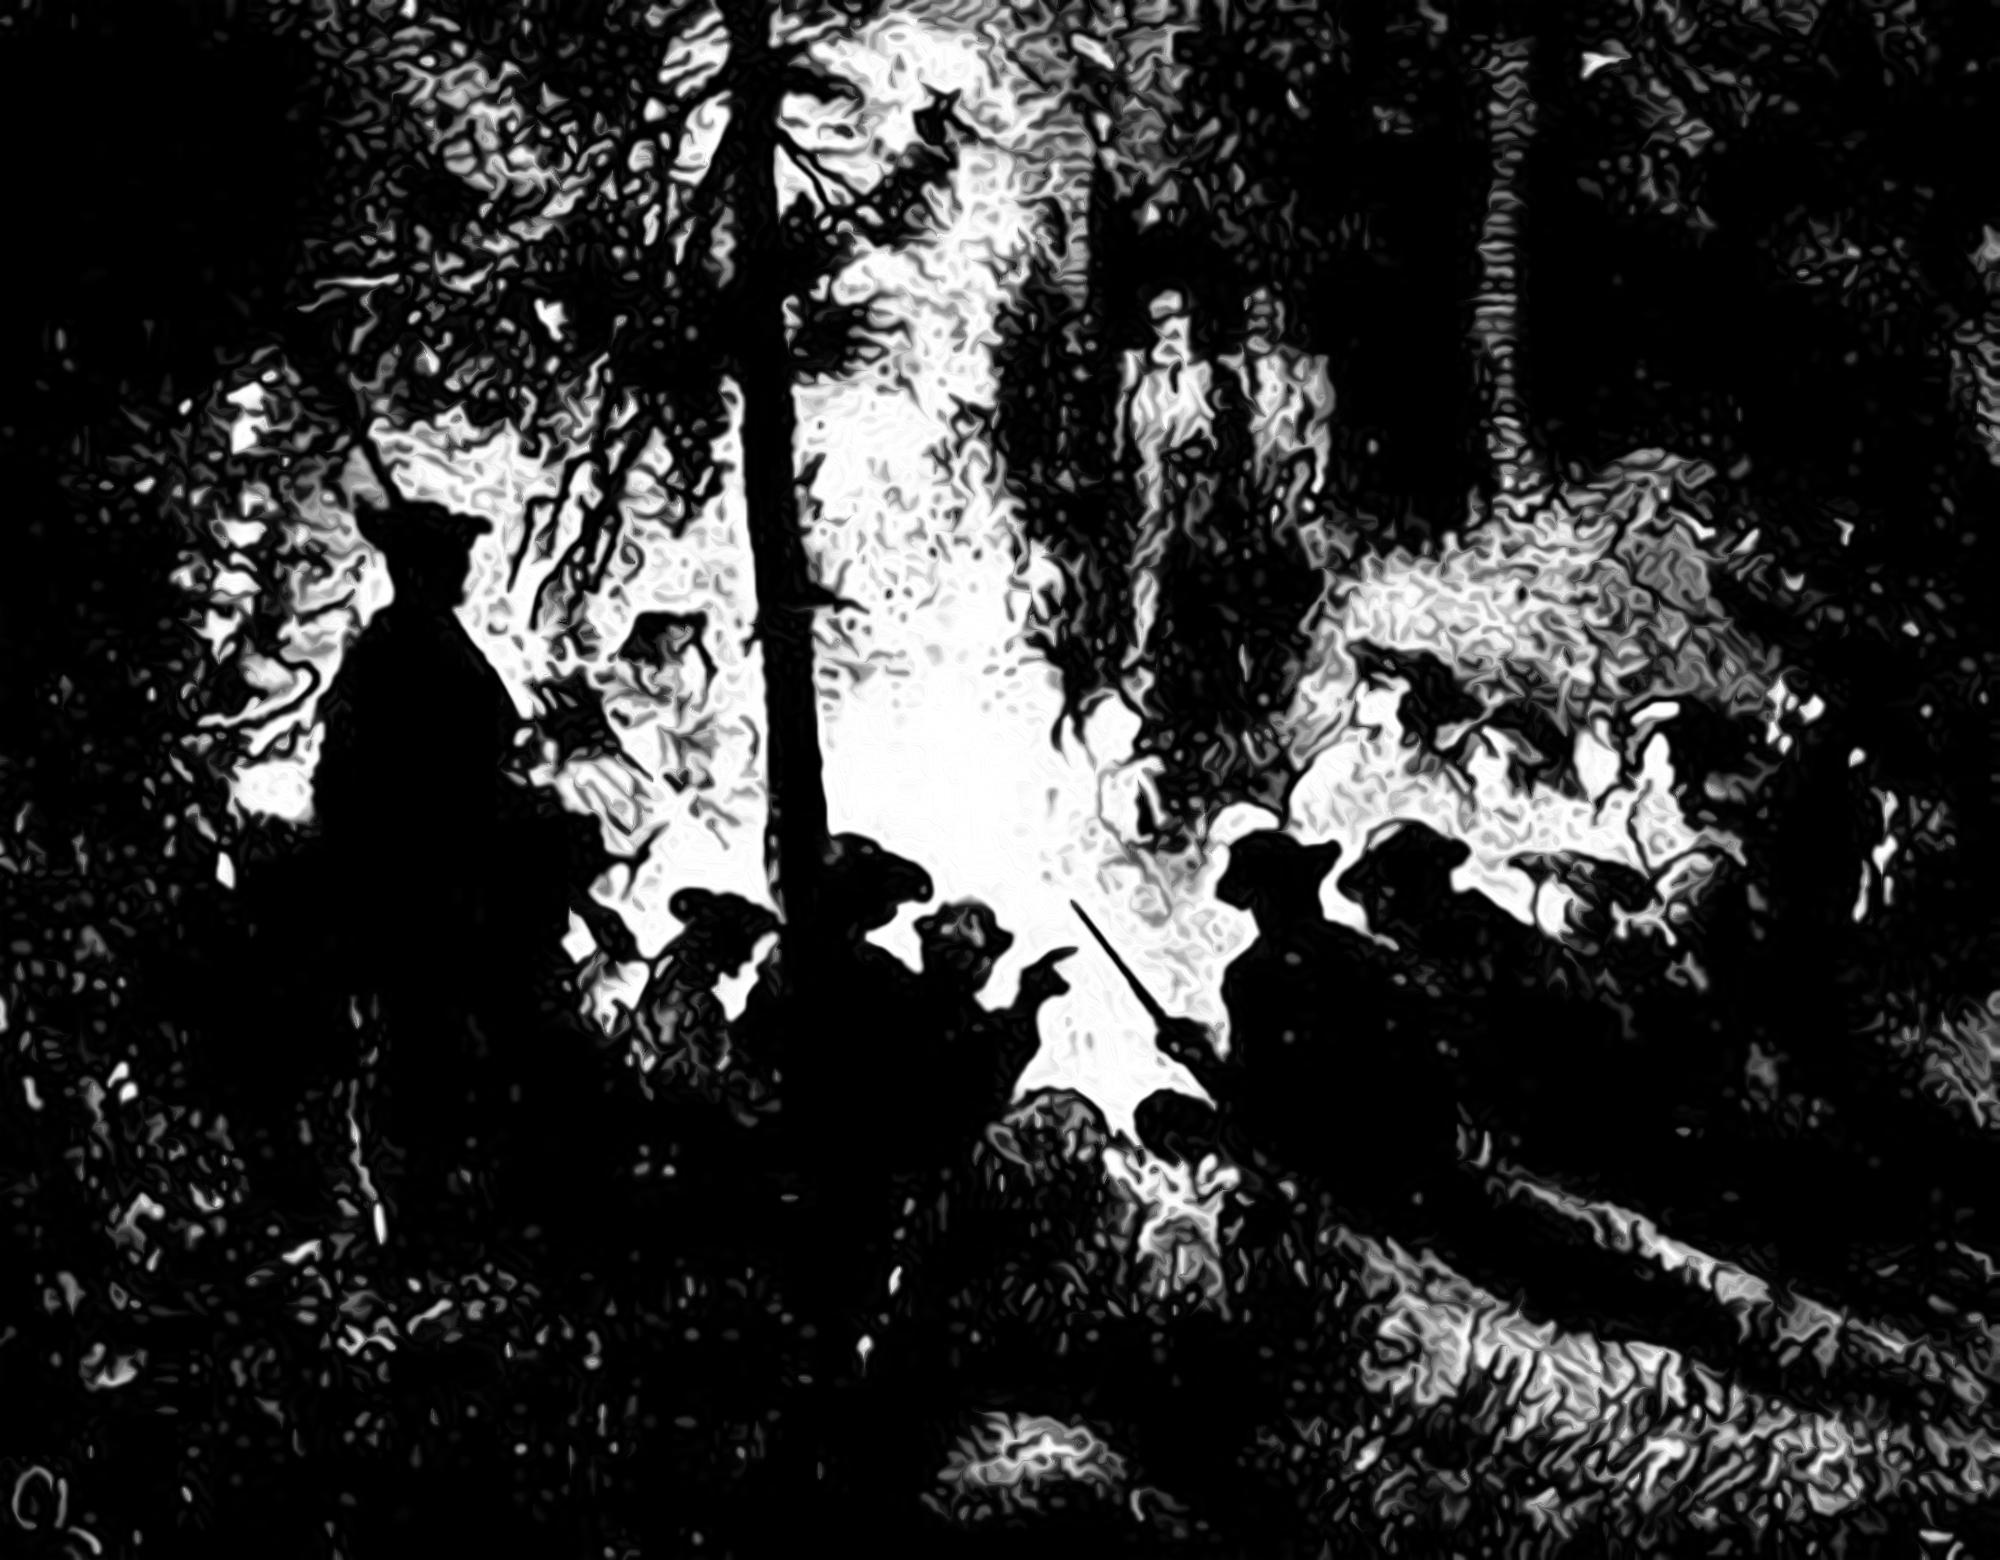 Partigängare runt lägerelden, illustration av Carl Larsson ur Fältskärns berättelser.